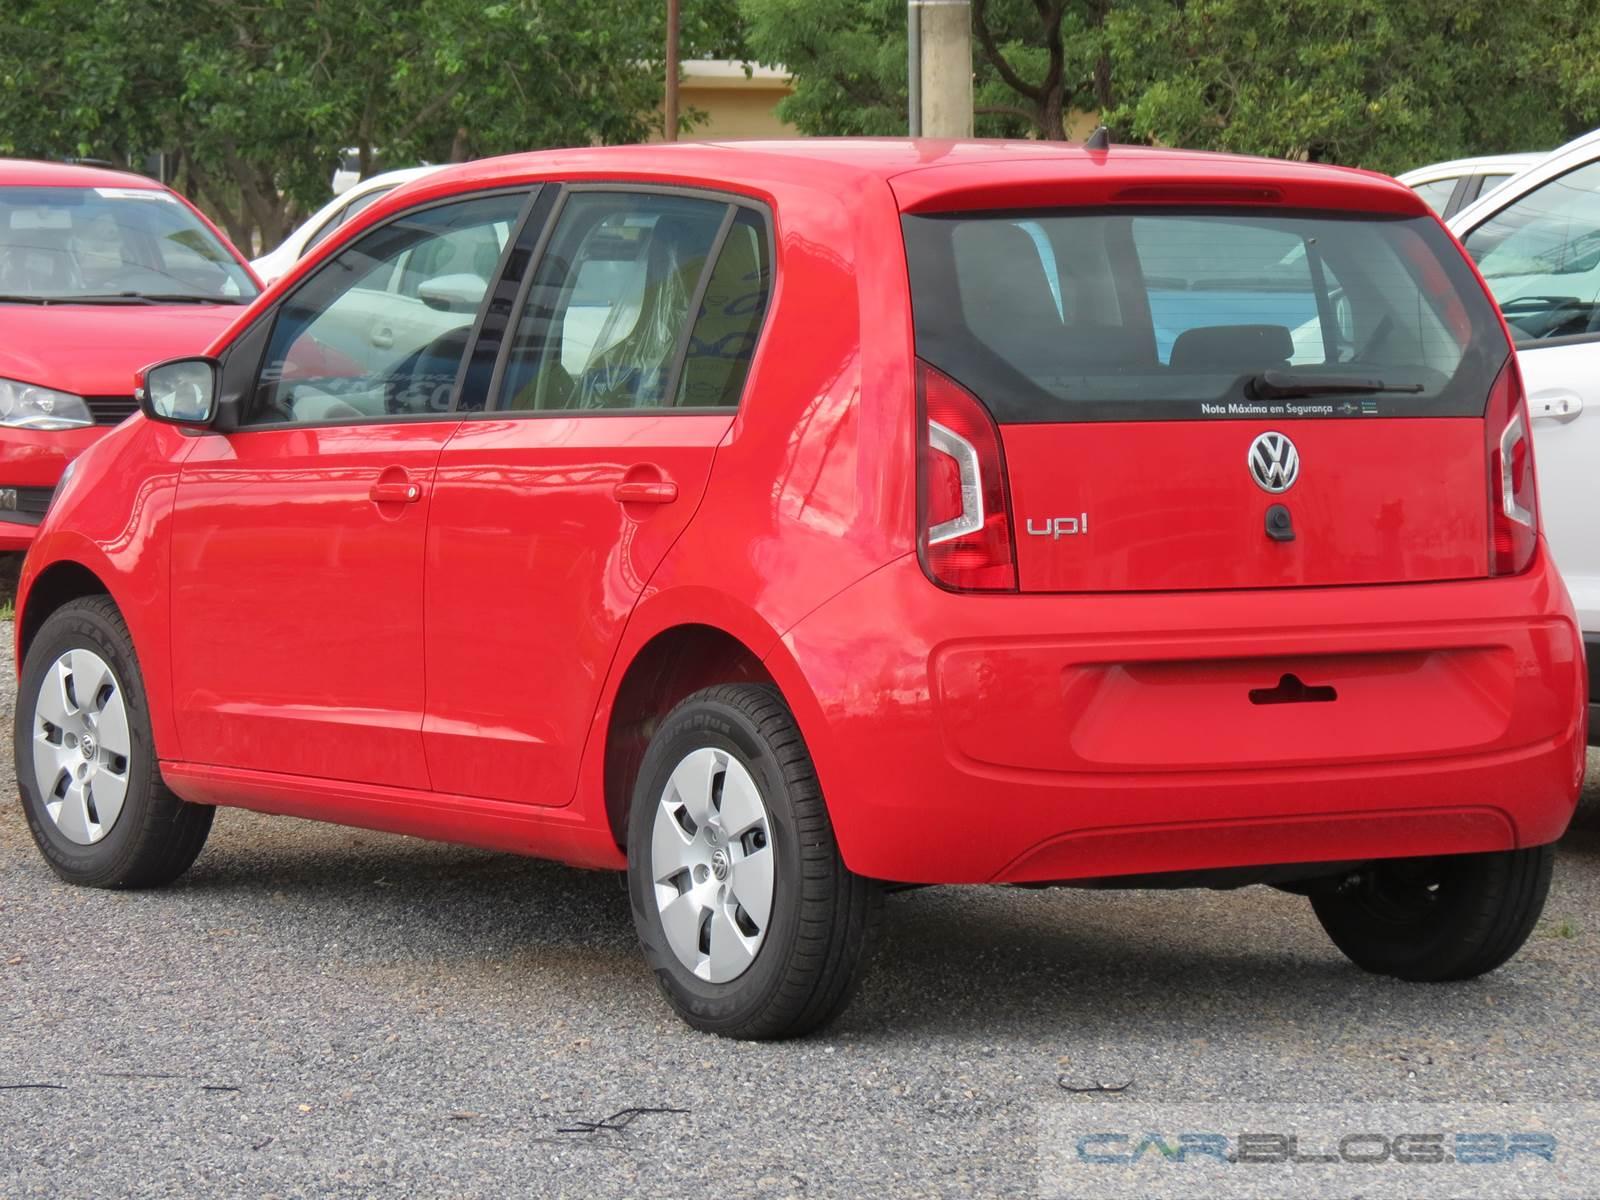 Volkswagen Up Sugesto De Carro Para Uso Profissional